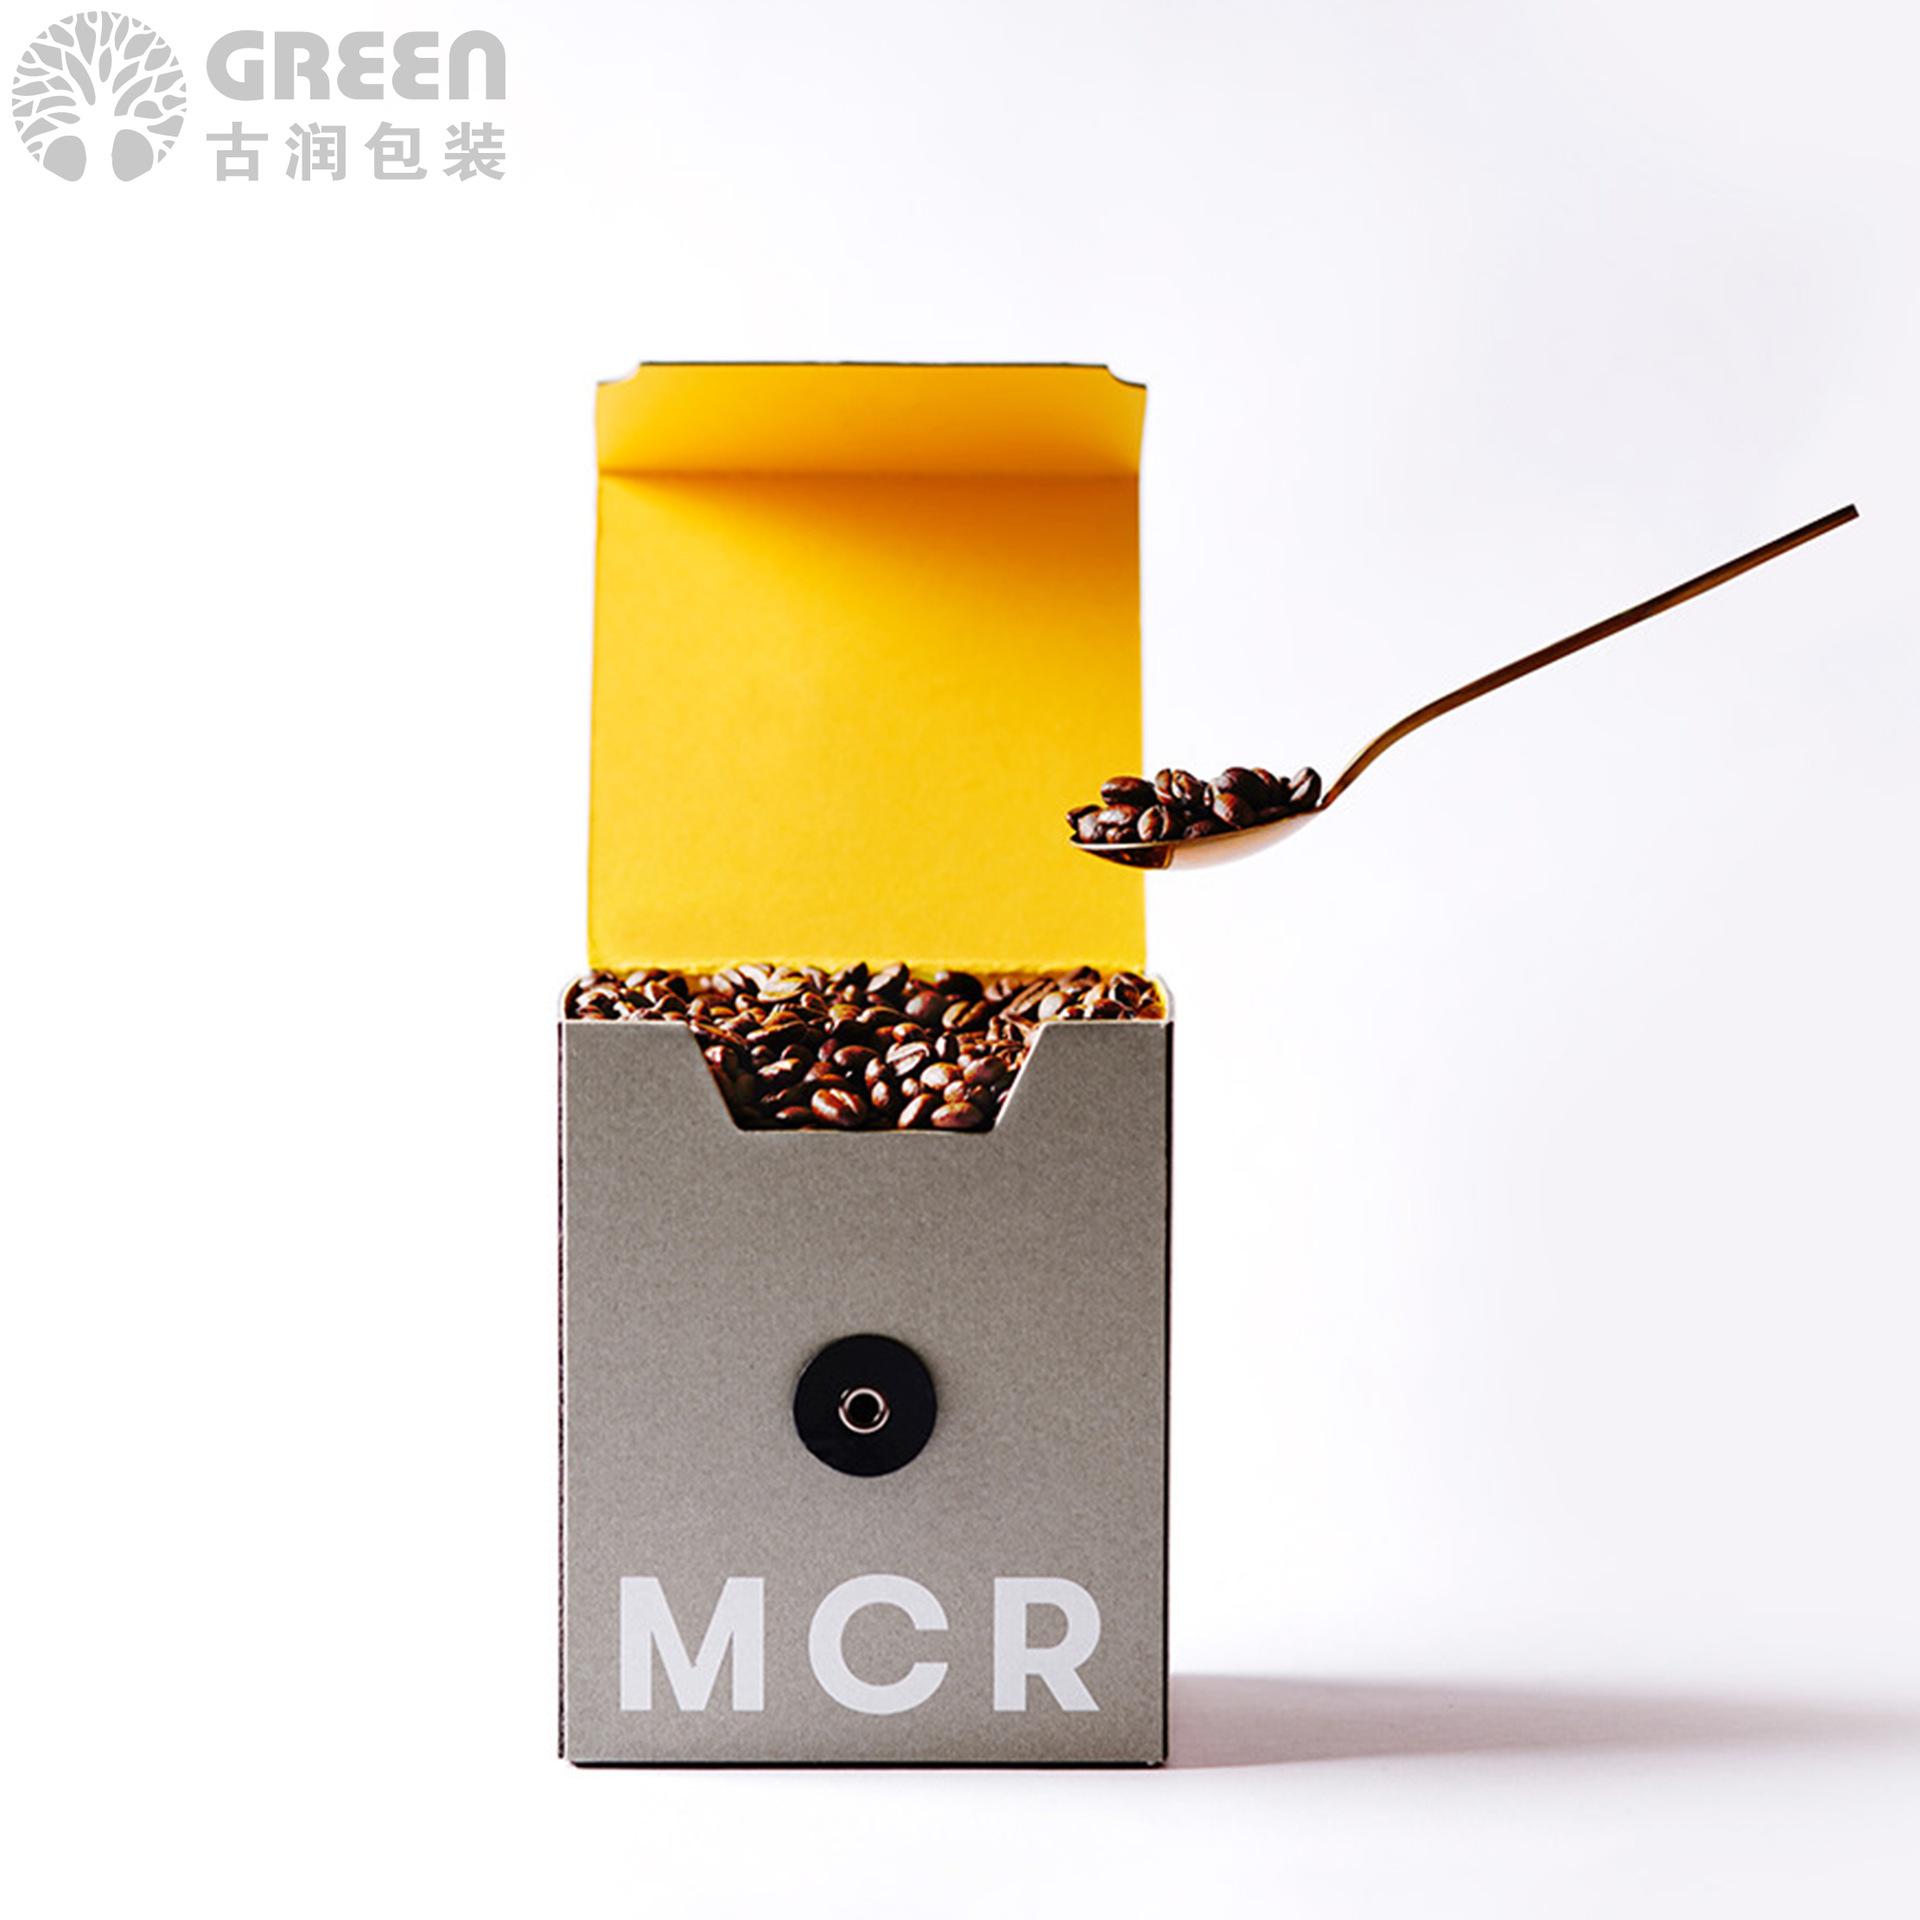 创意有趣包装设计产品纸箱瓶贴插画平面礼盒子外包装袋定制